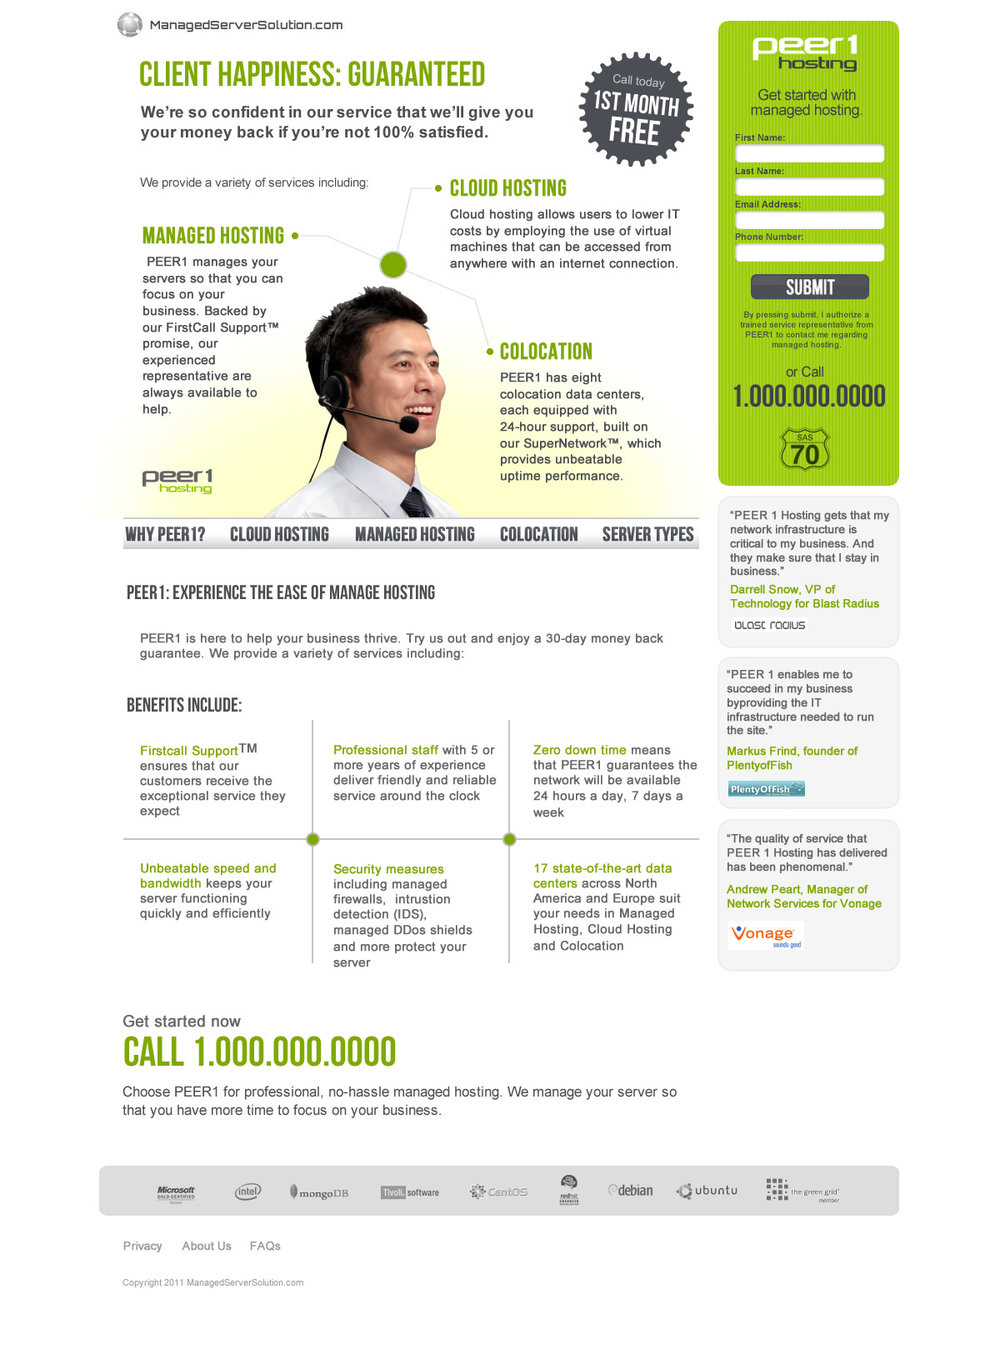 peer1-managed-v3.jpg